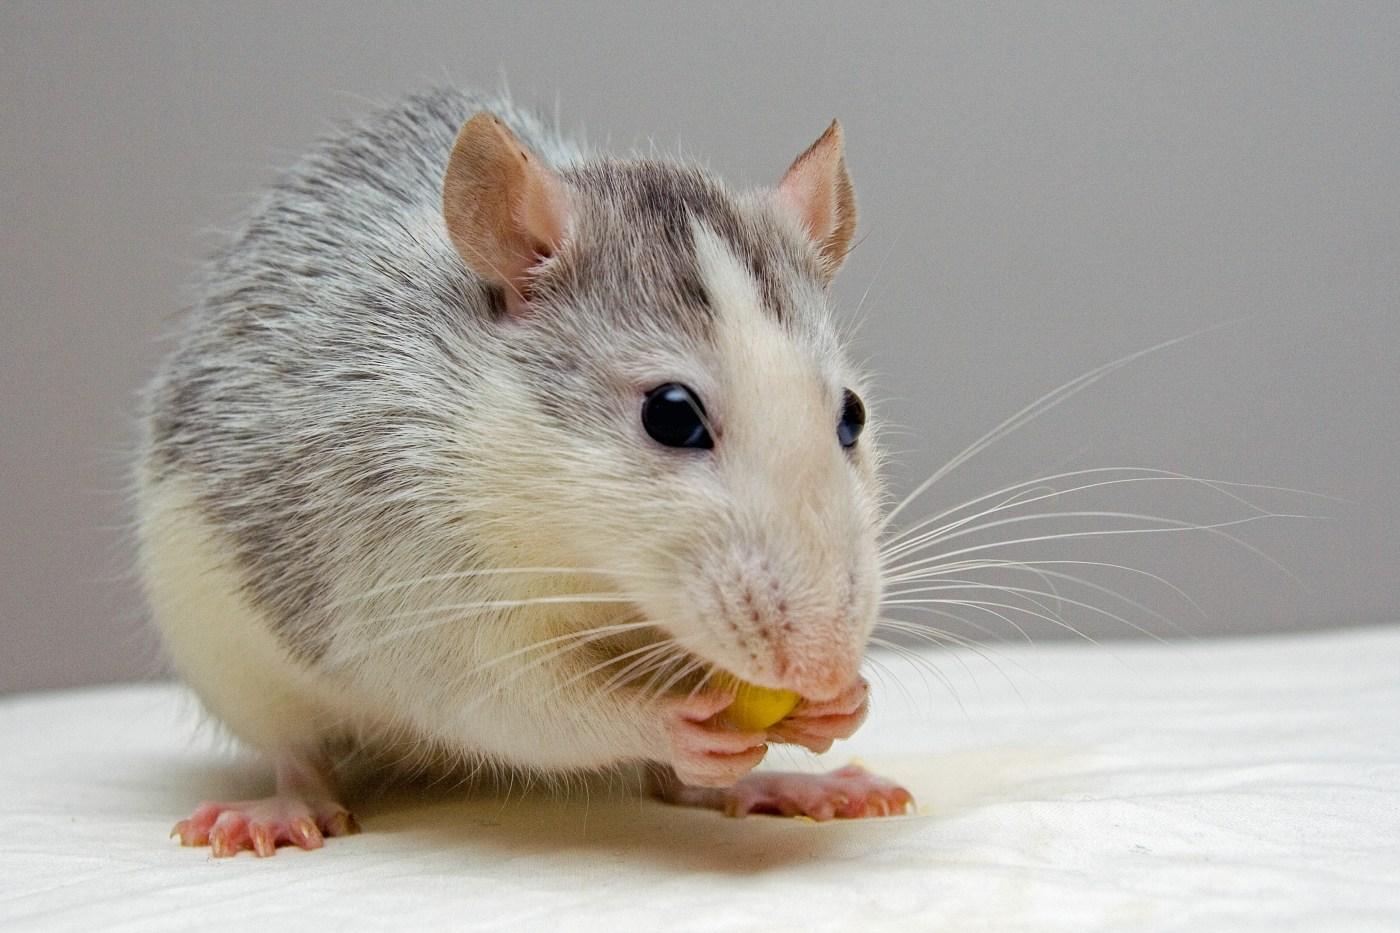 捷運上居然出現米老鼠,大家驚呆了! | 失落花園 林俊成 臨床心理師